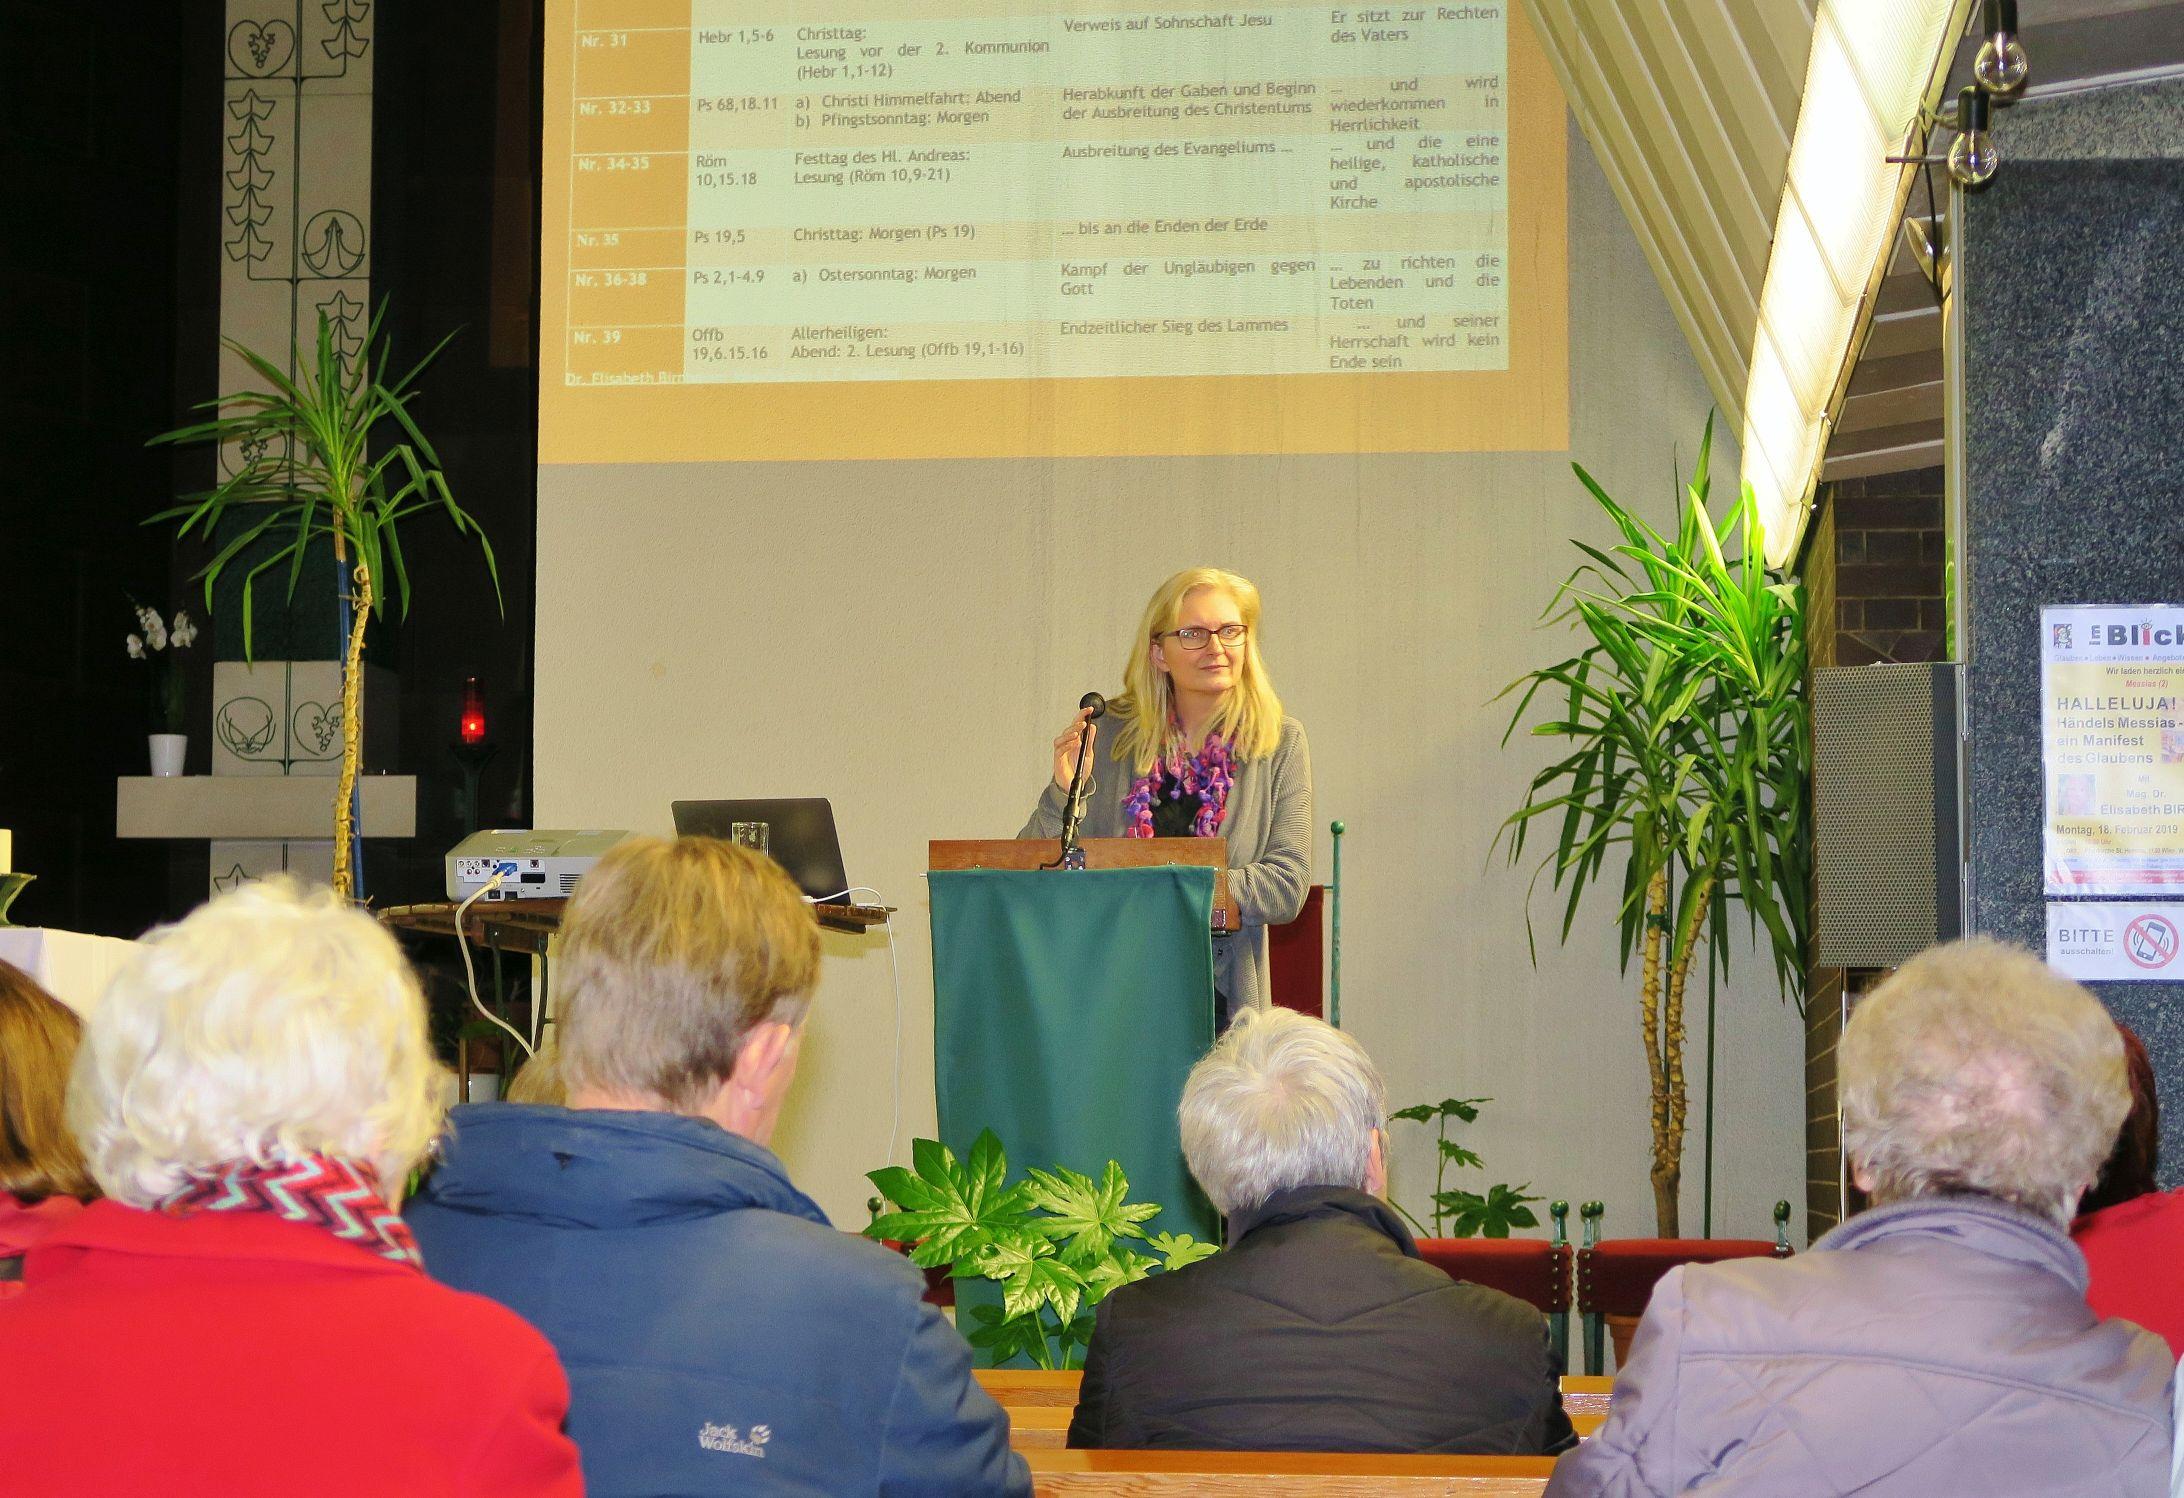 Dr. Elisabeth Birnbaum, Vortrag am 18.2.2019